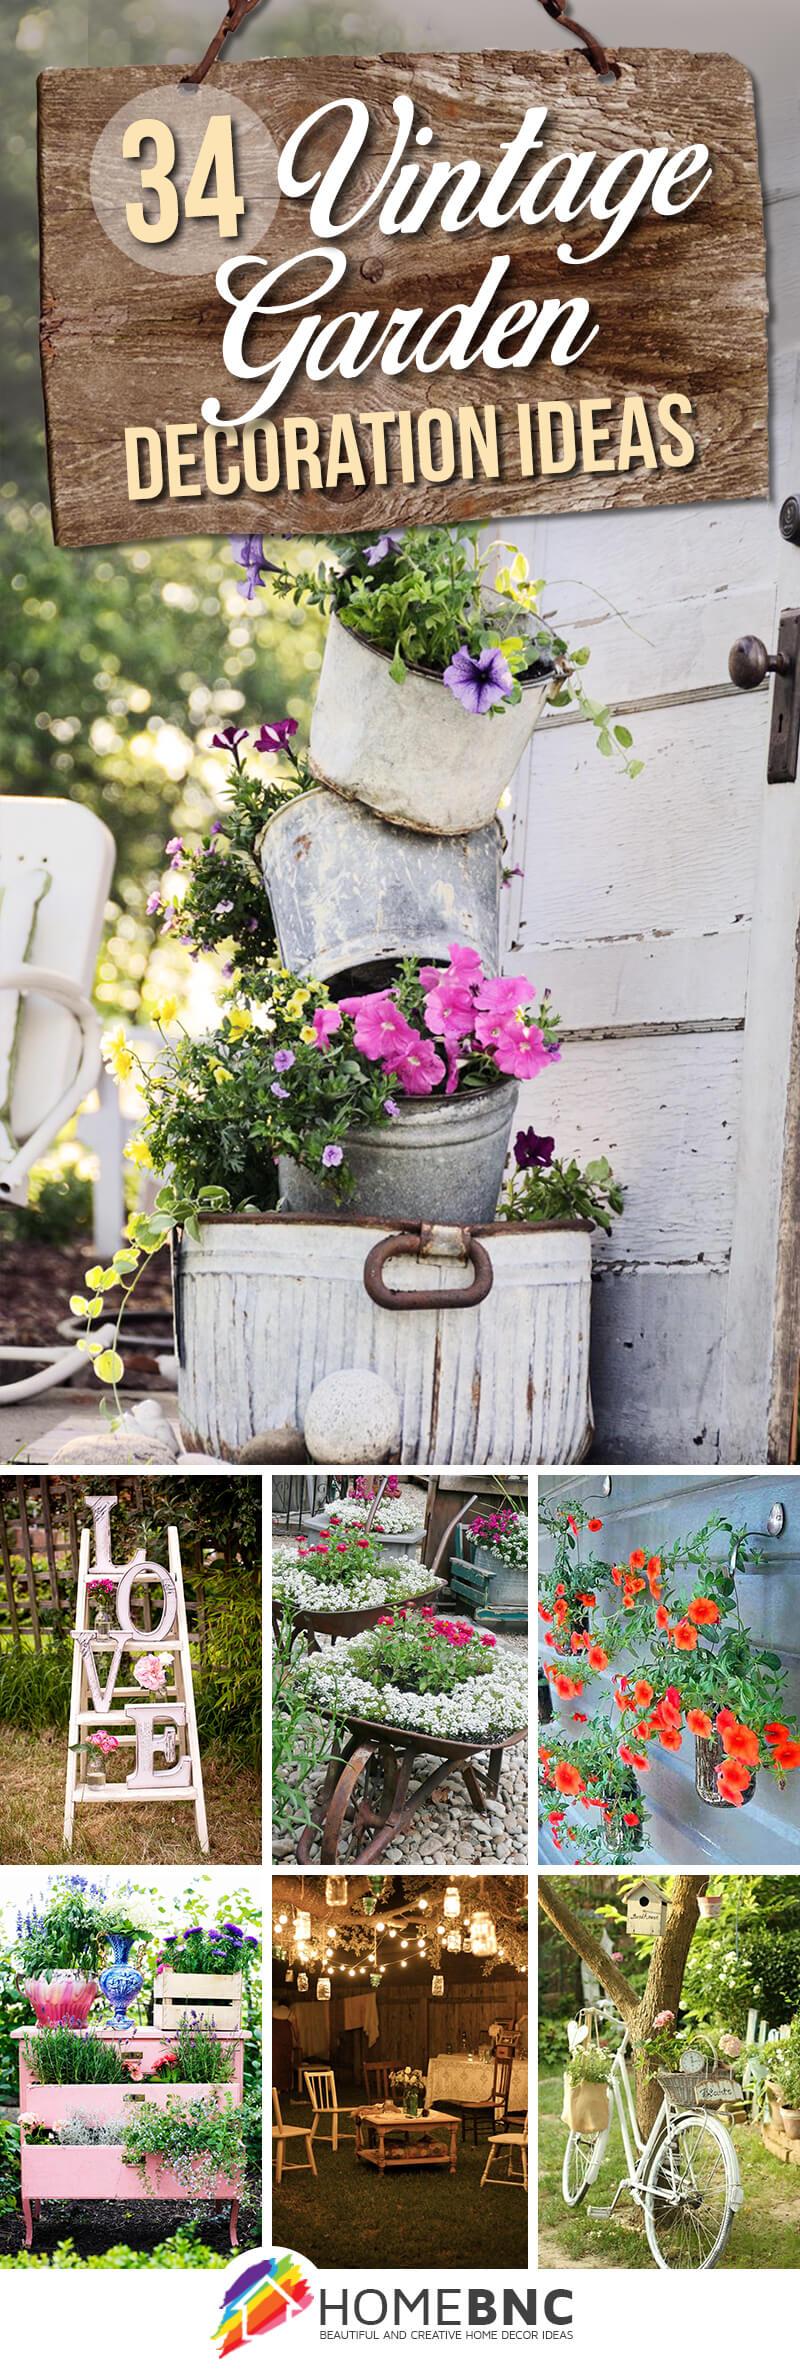 Garden decor ideas  05